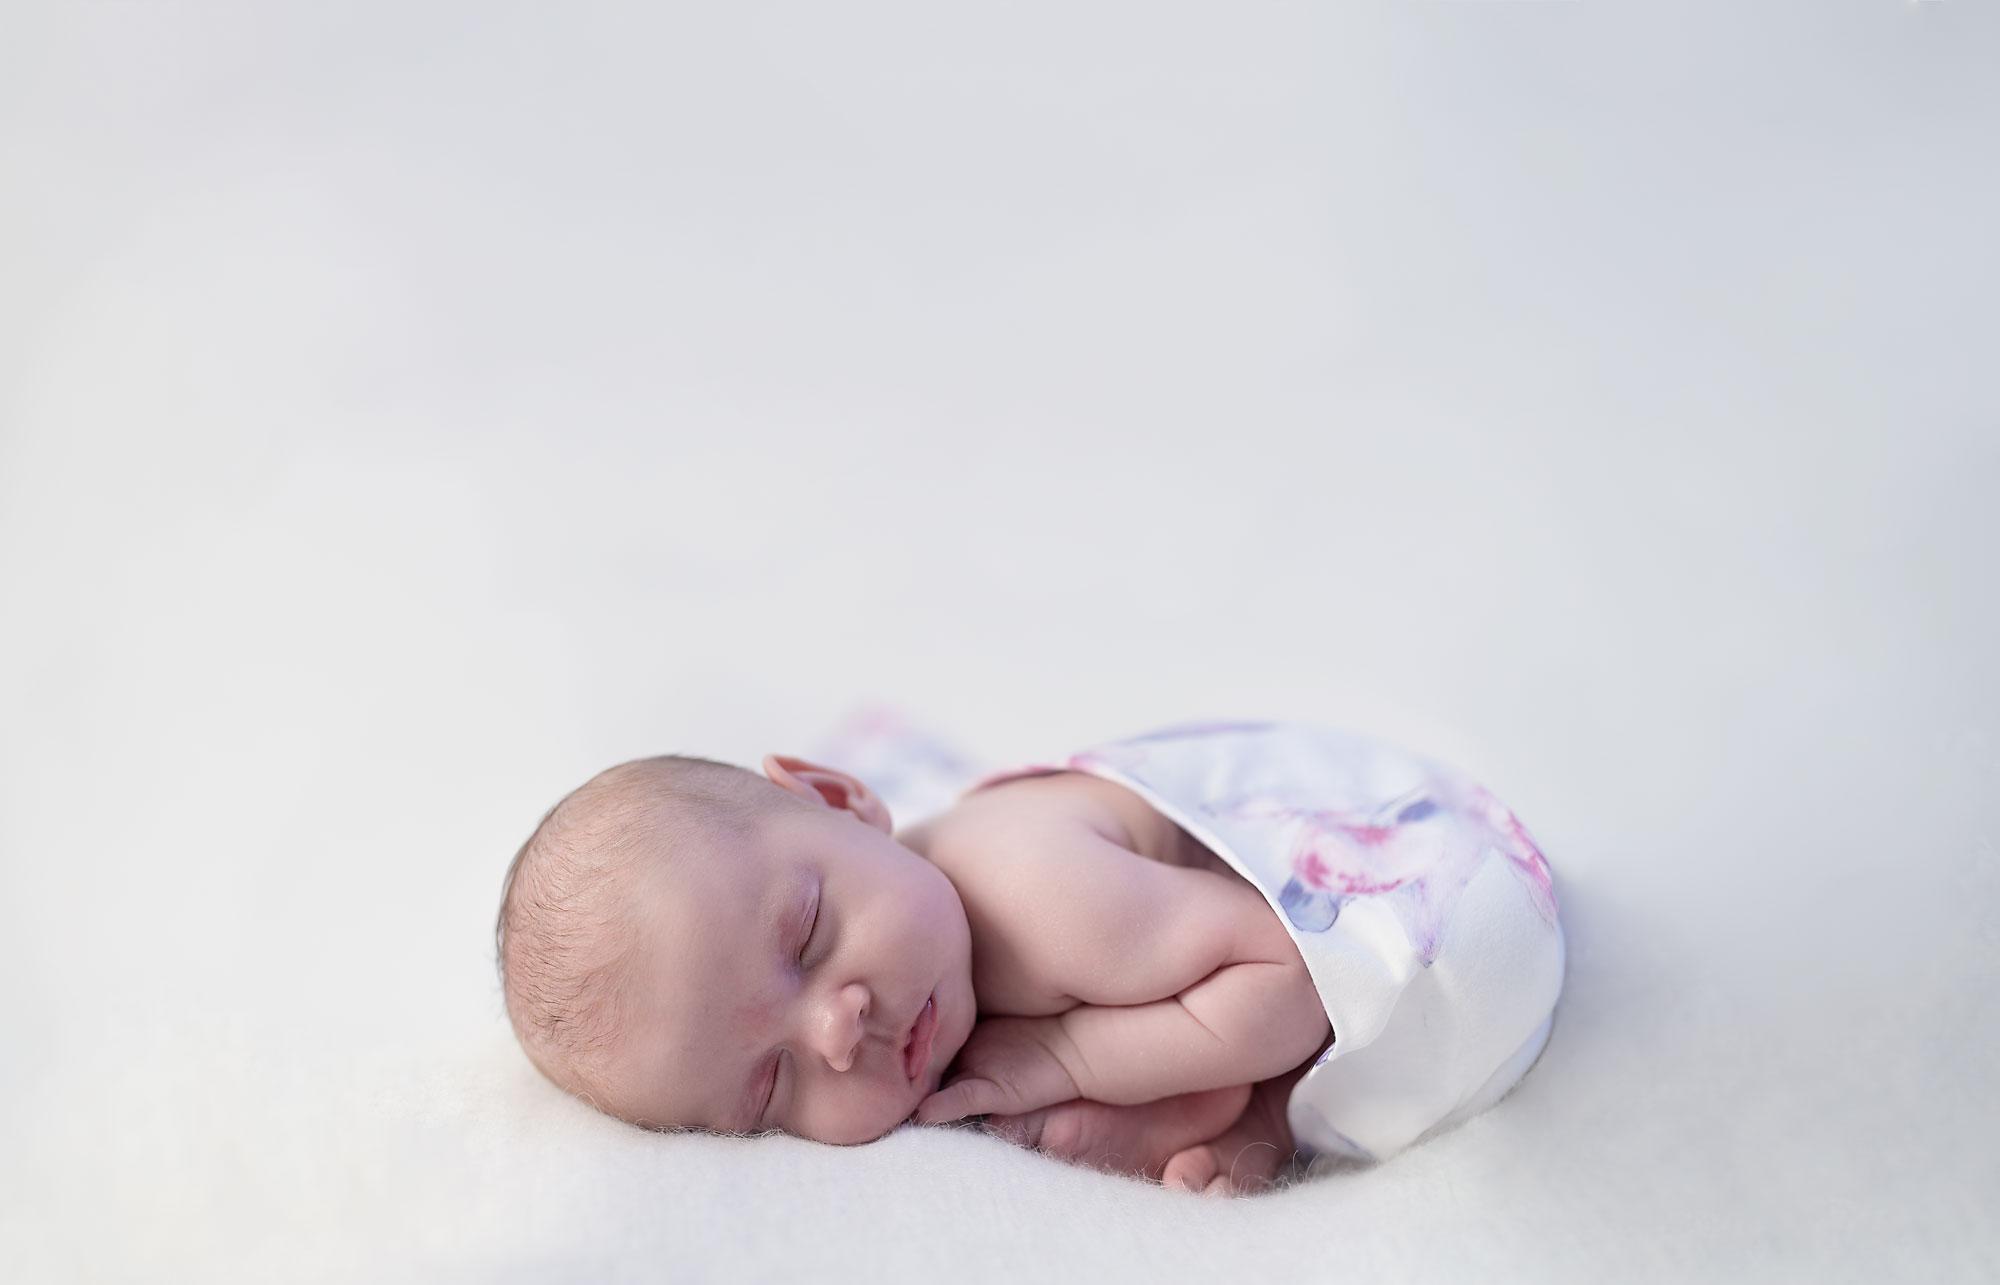 Edie-Mundy-1-month-old---0857-copy.jpg